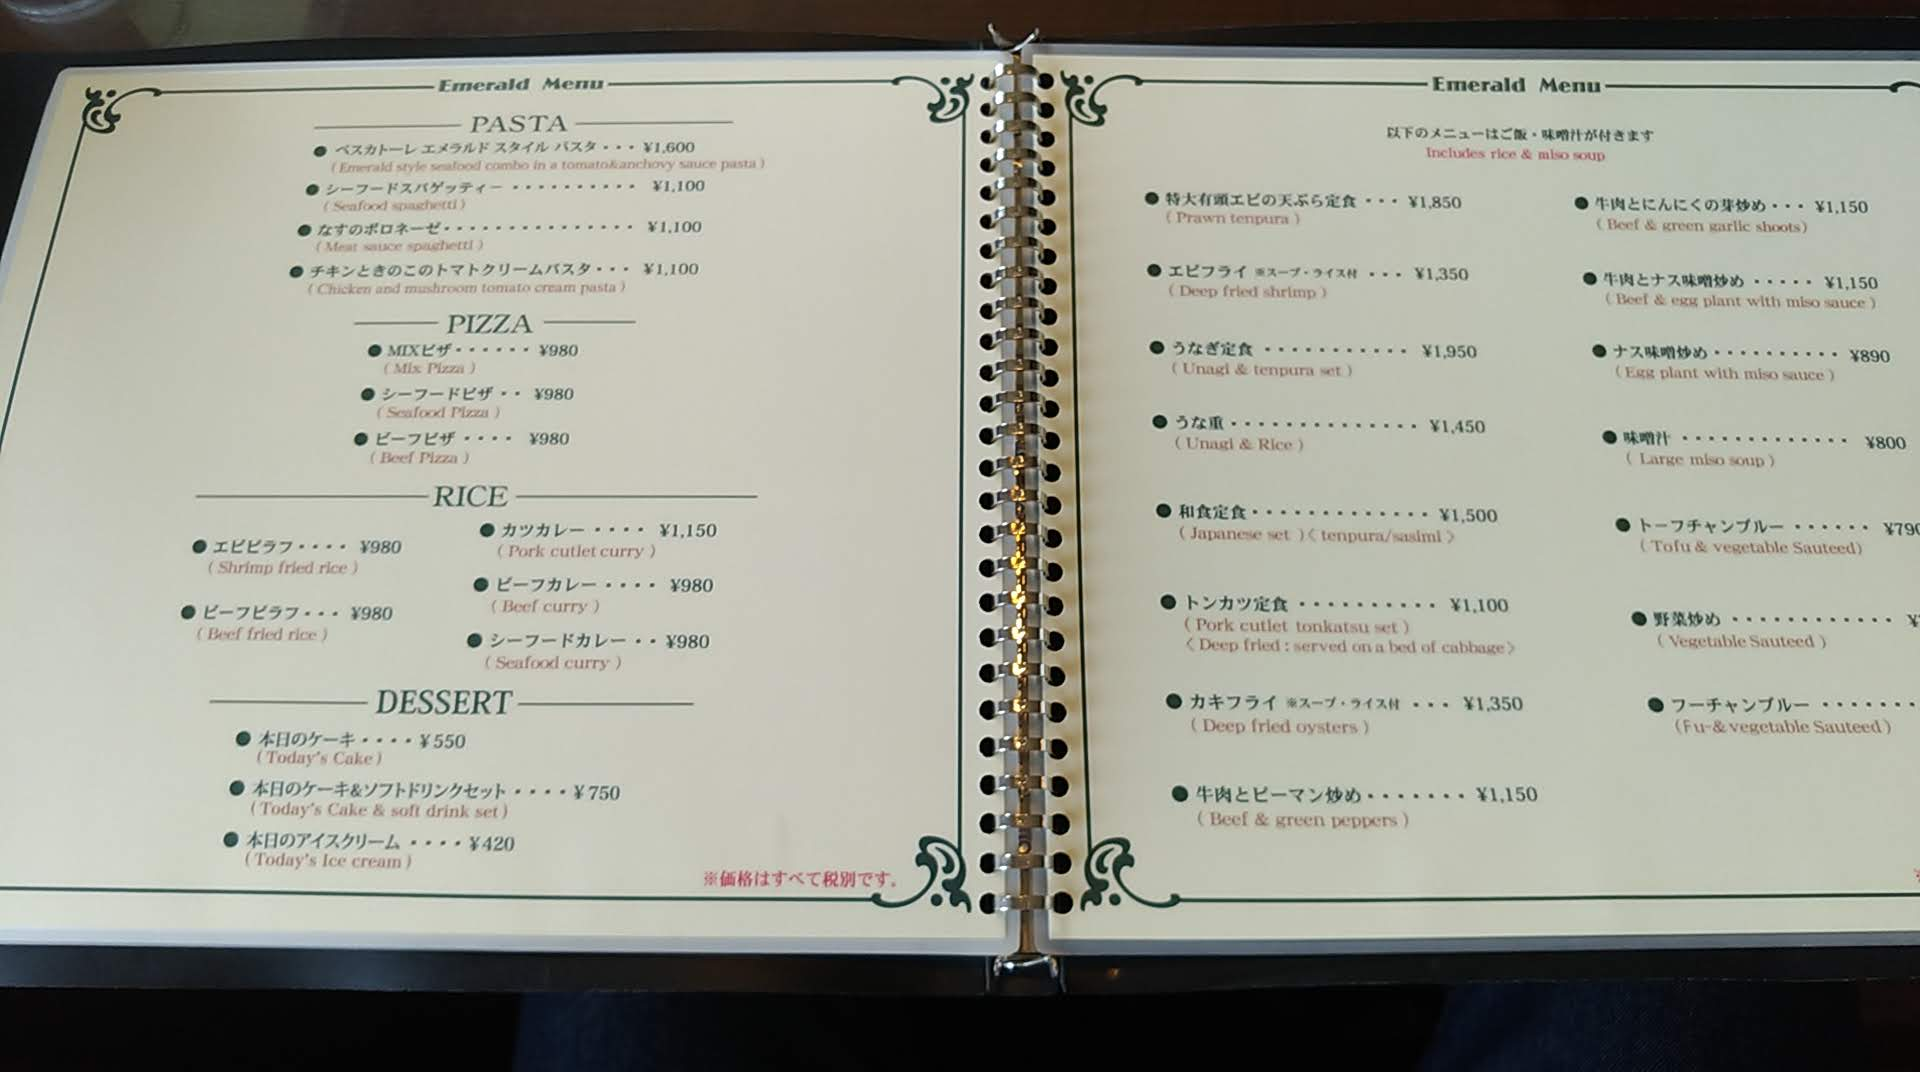 the emerald menu 3